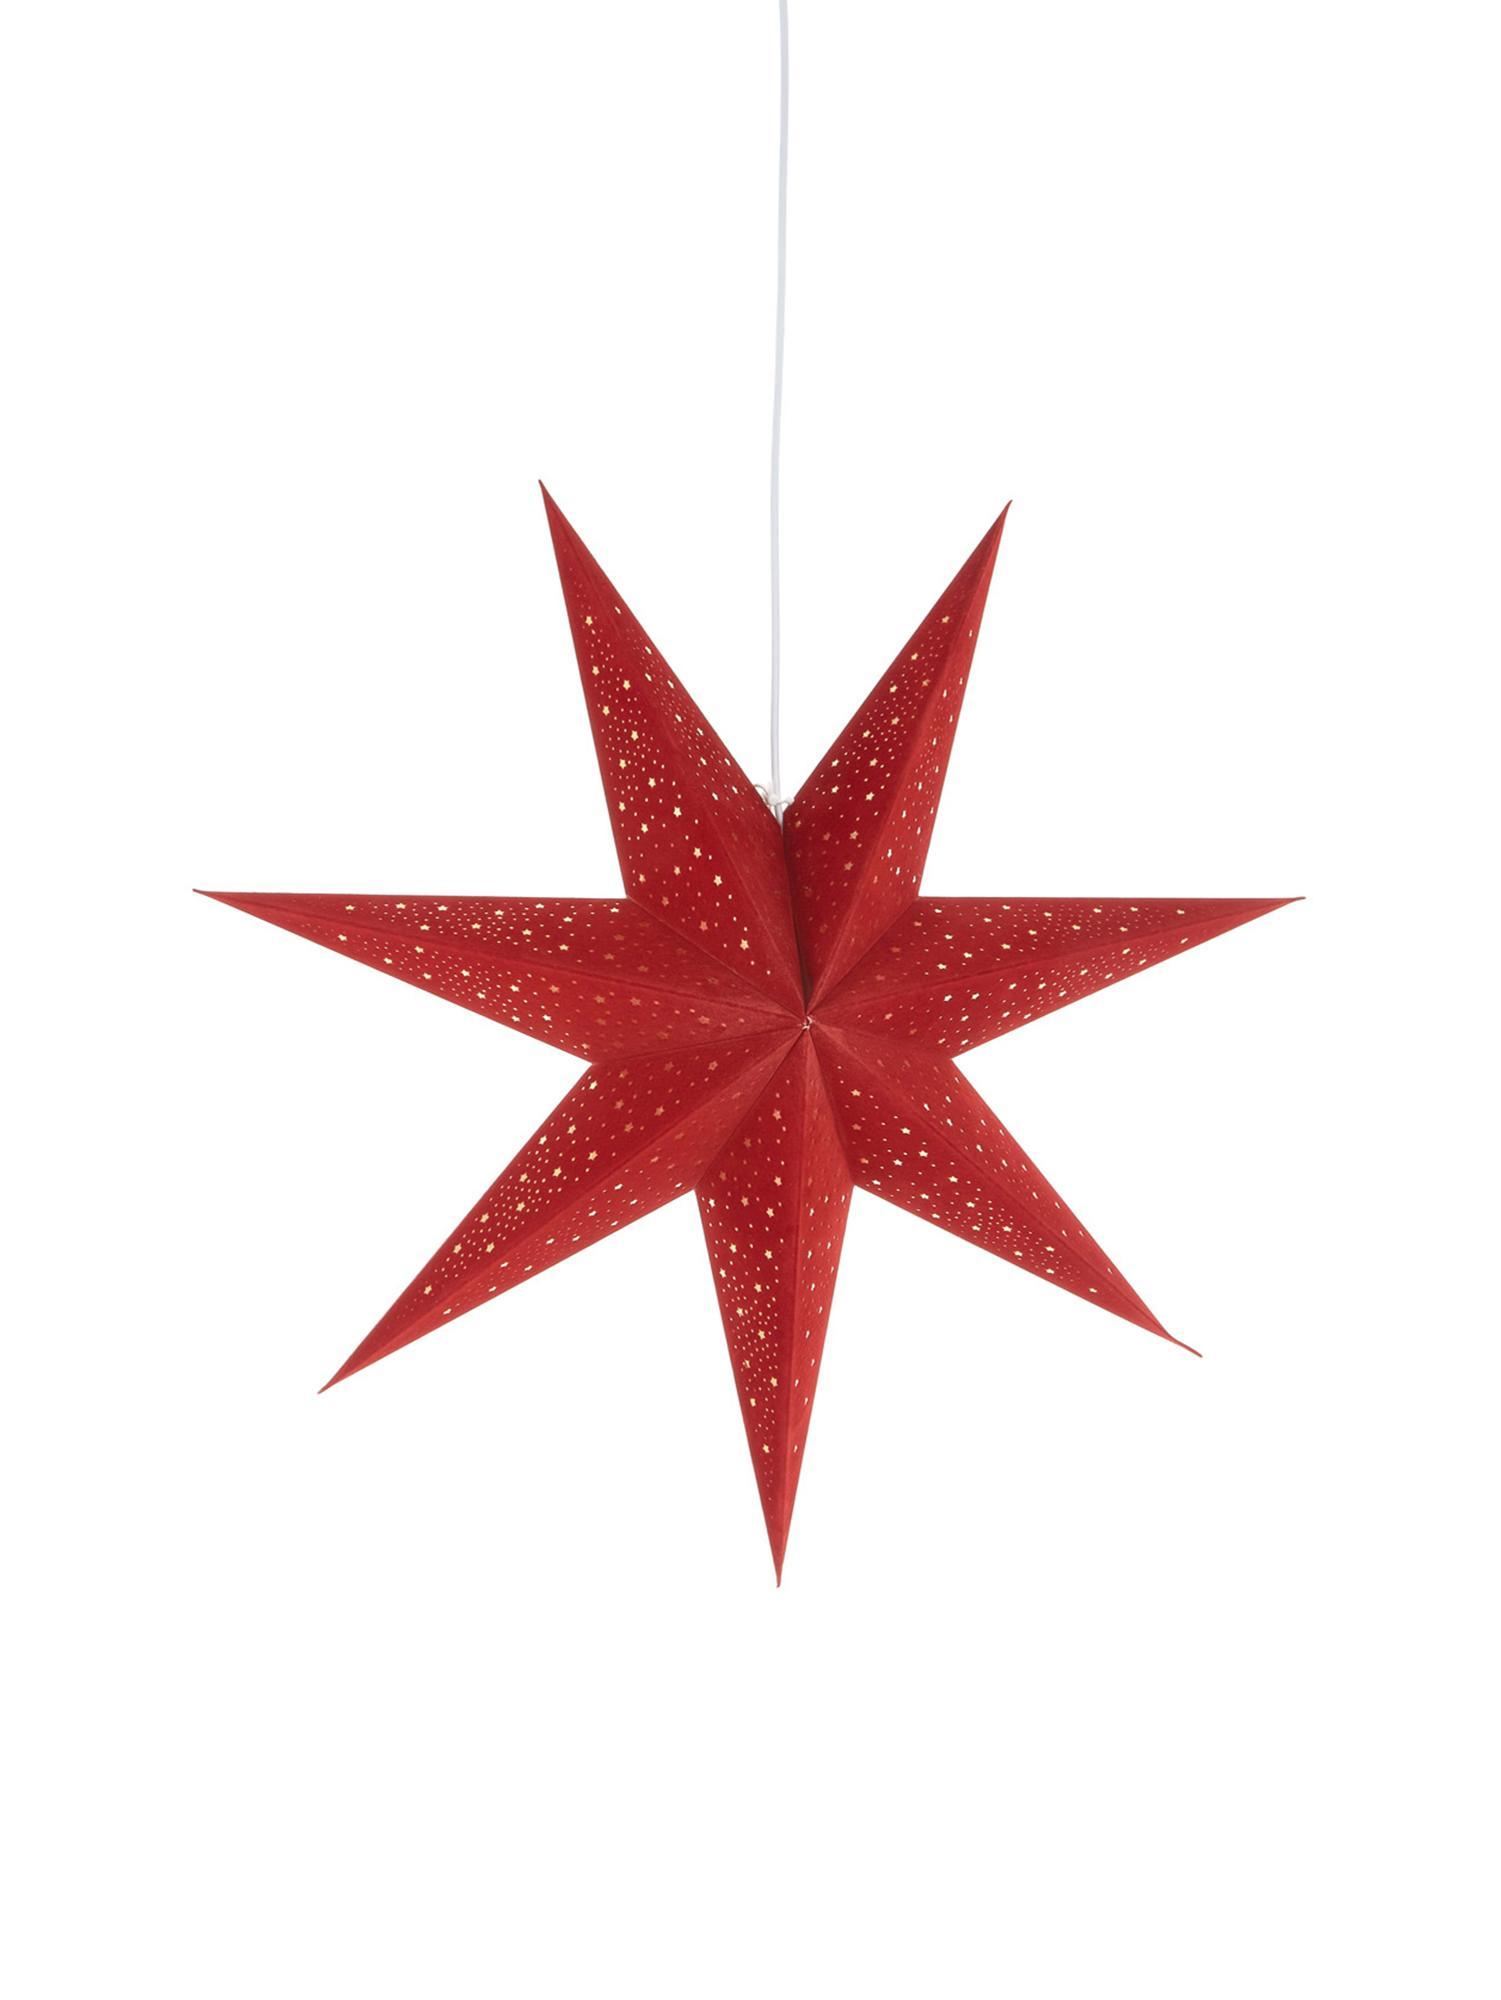 Samt-Weihnachtsstern Orby, Papier, Samt, Rot, Goldfarben, Ø 75 cm